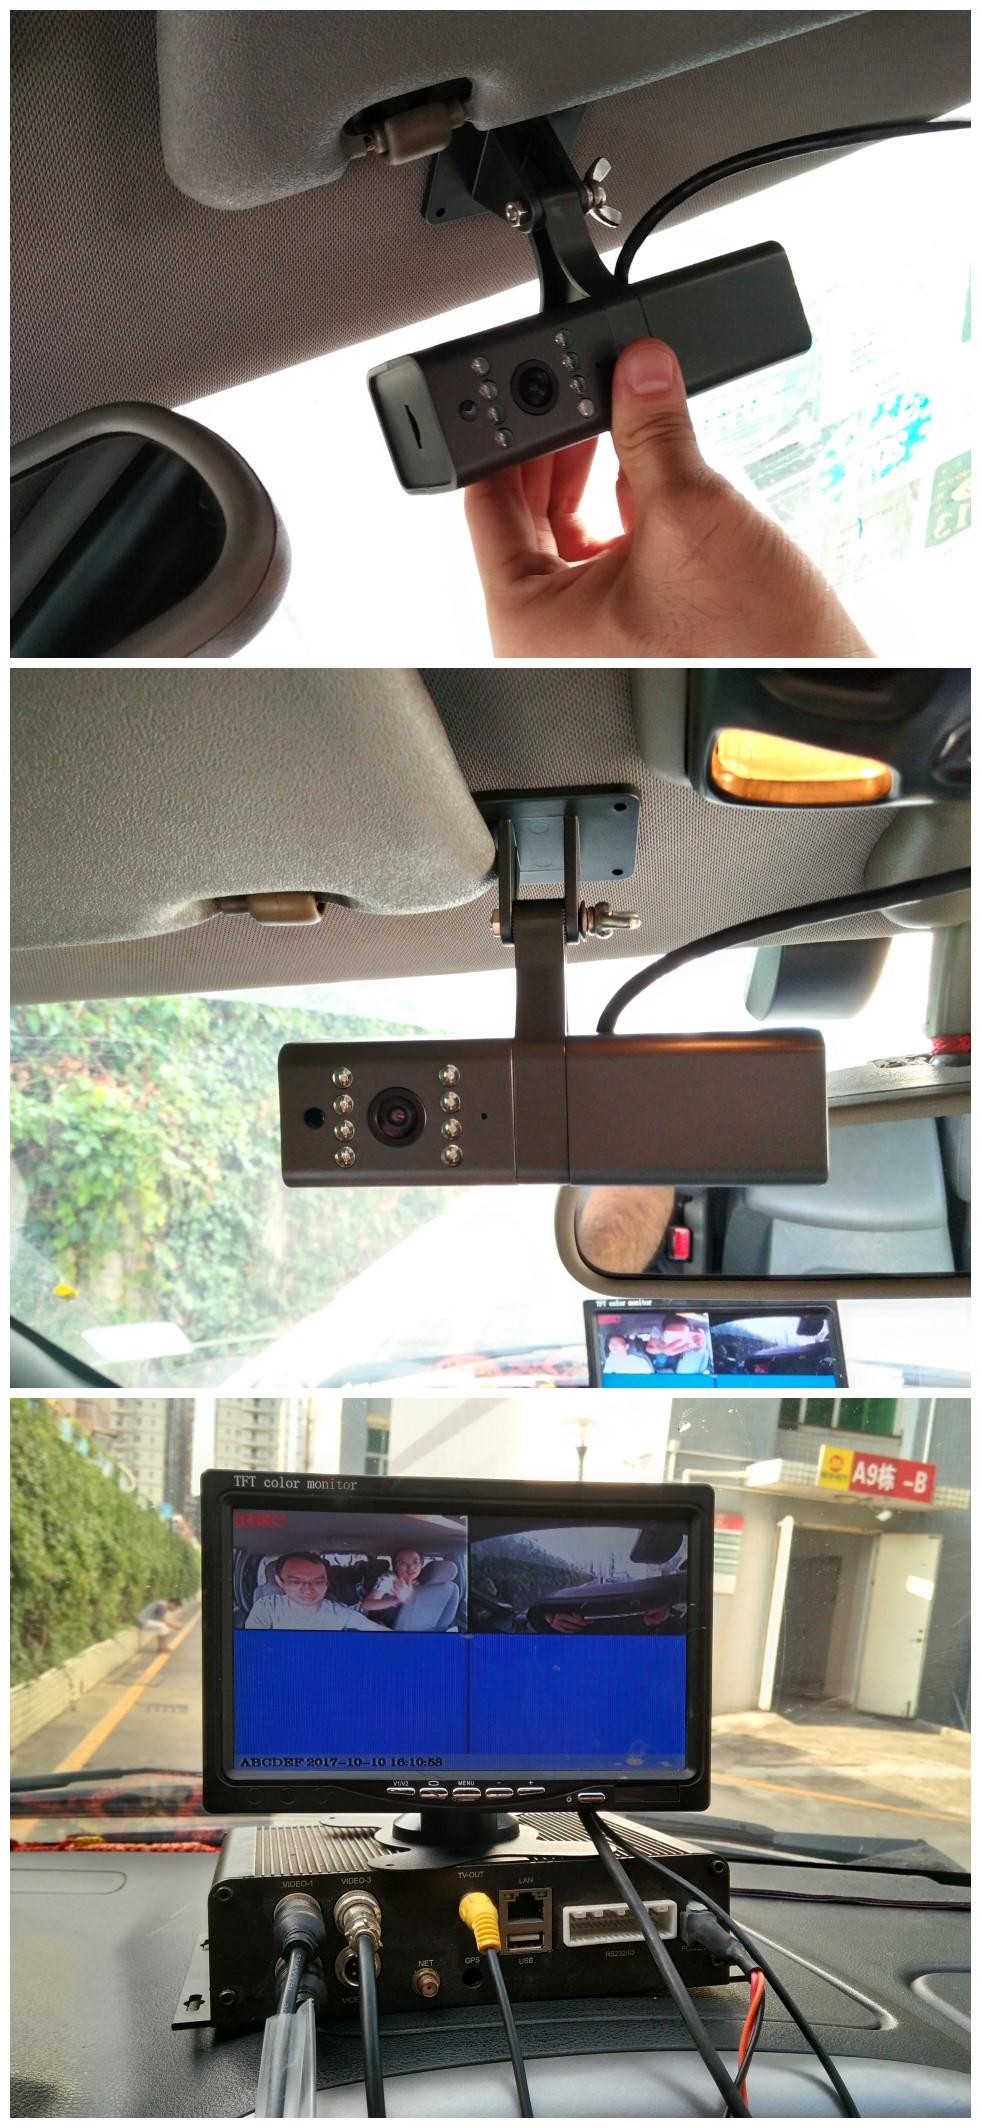 Поставить камеру видеонаблюдения в машине видеорегистраторы автомобильные цены тольятти